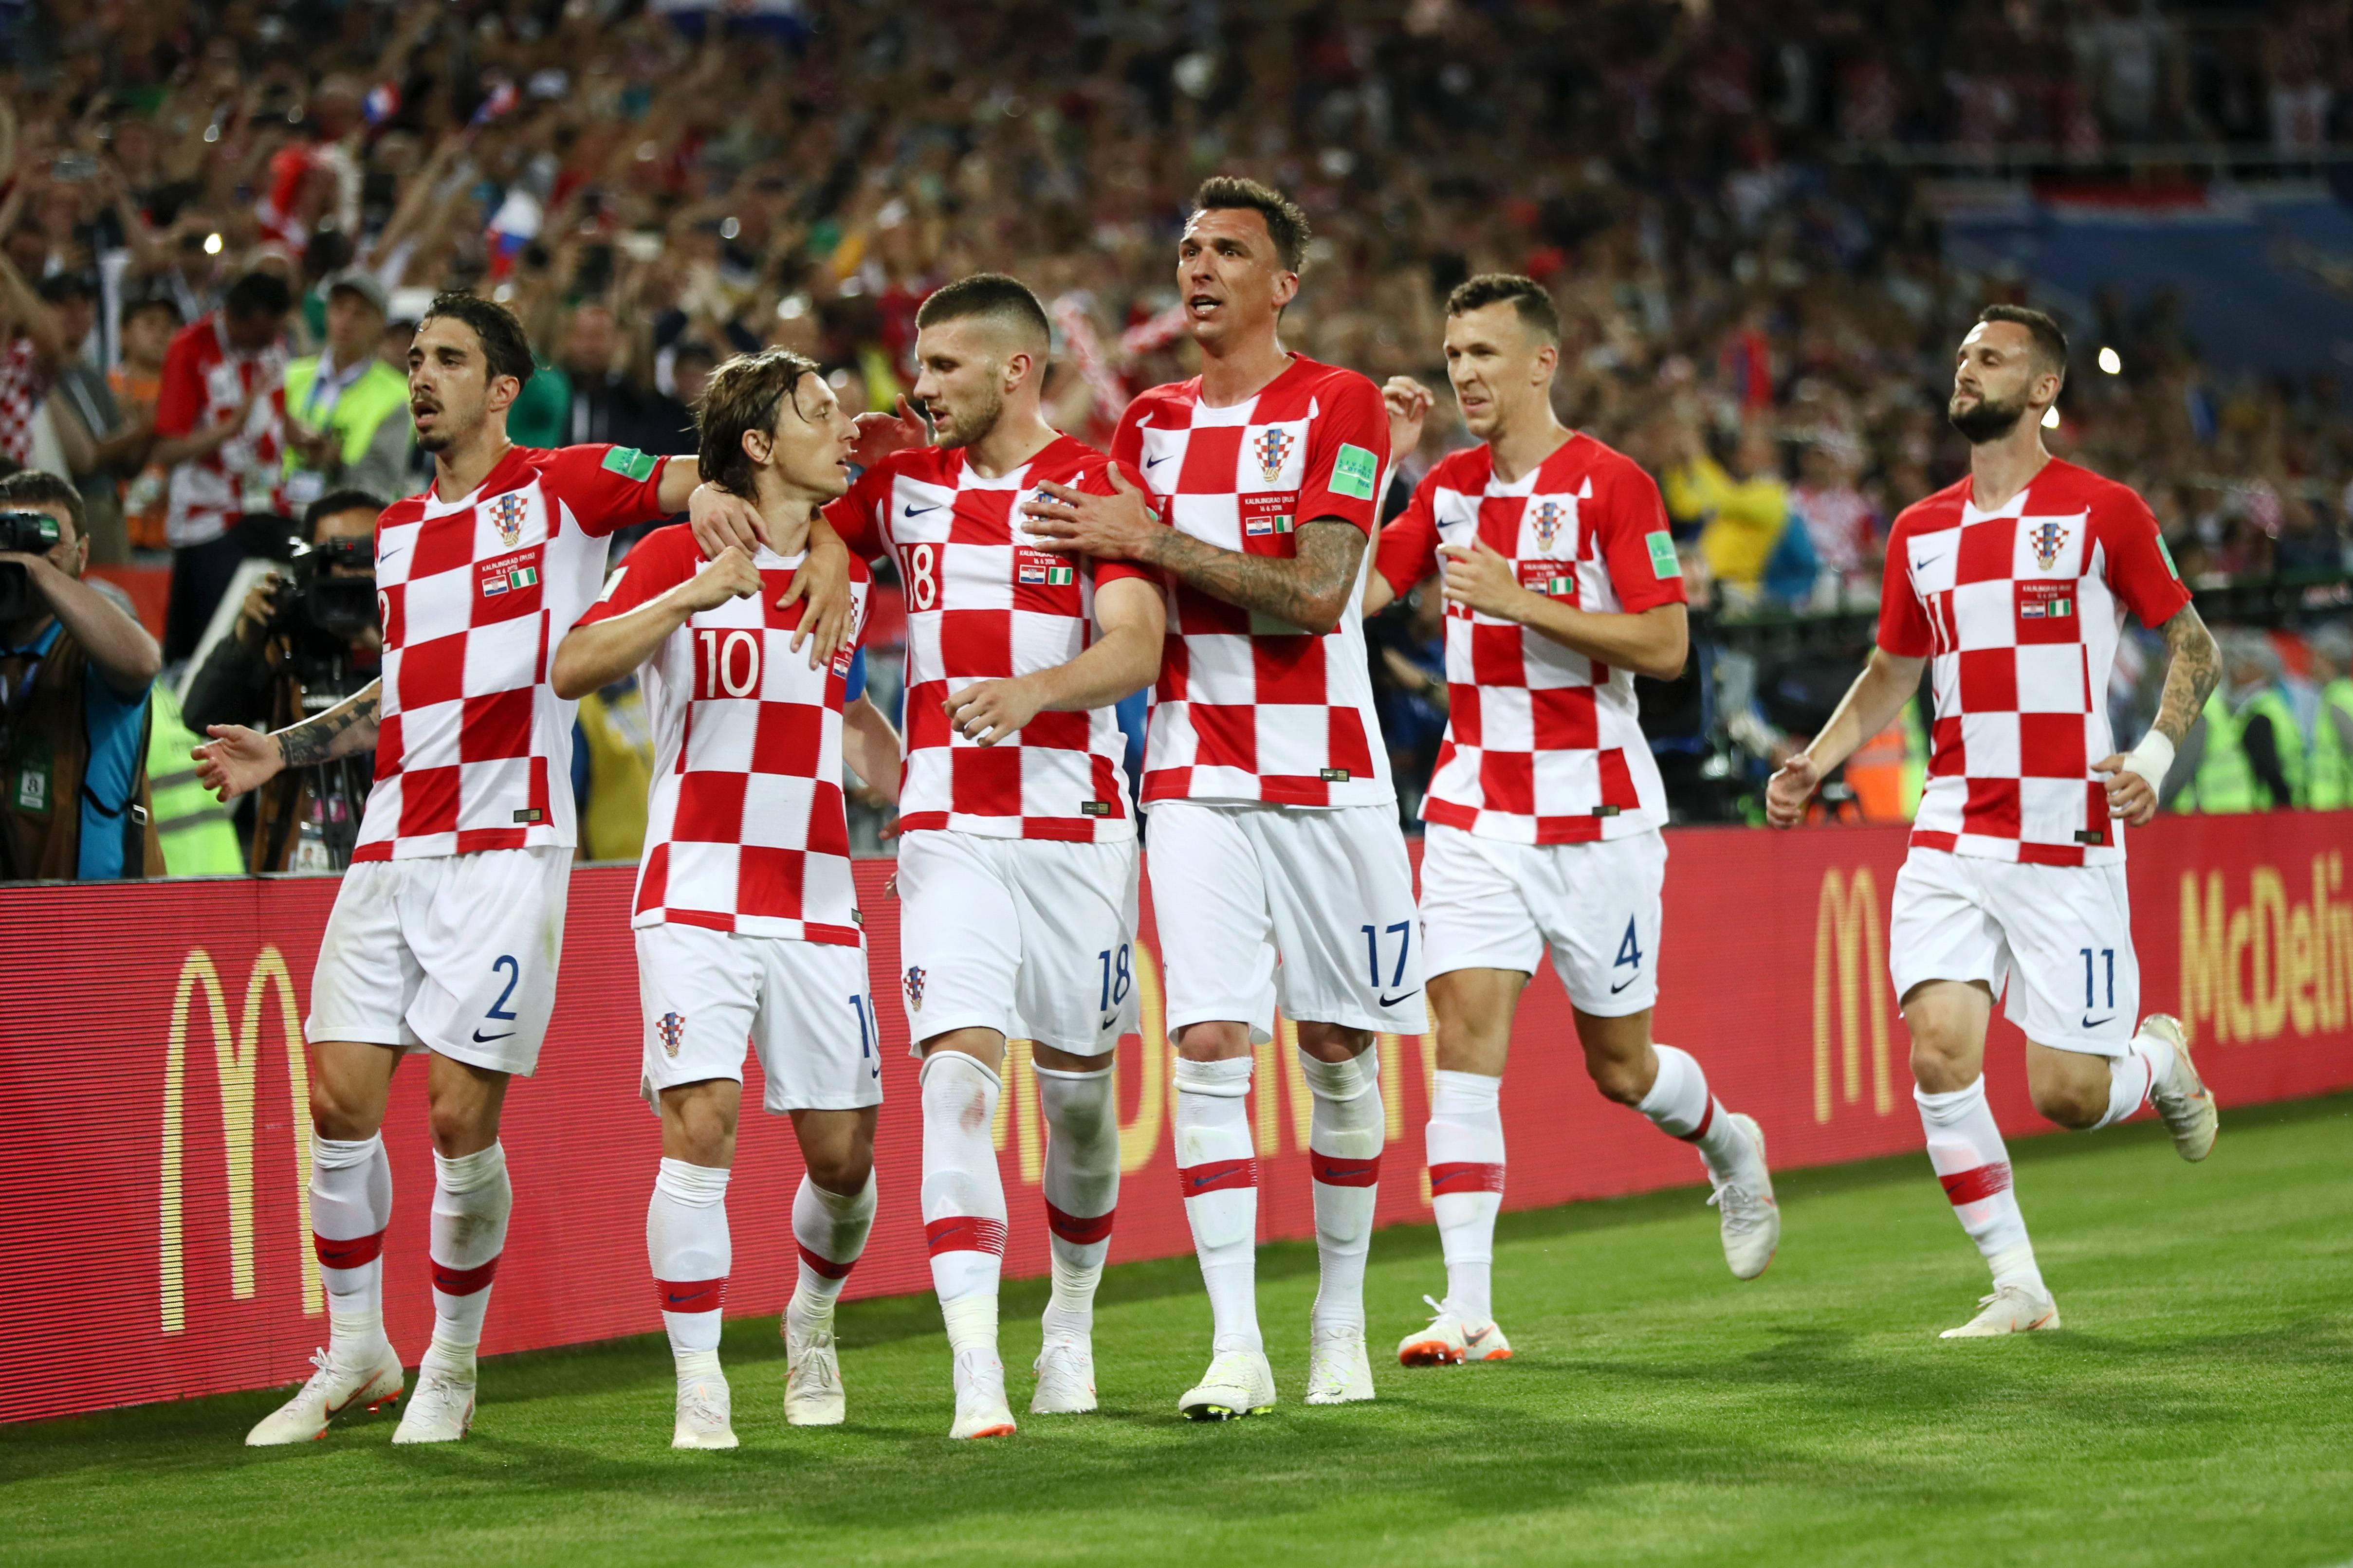 كرواتيا…فريق بلد الأربعة مليون ونصف نسمة..على وشك تحقيق الحلم الكروي الأكبر